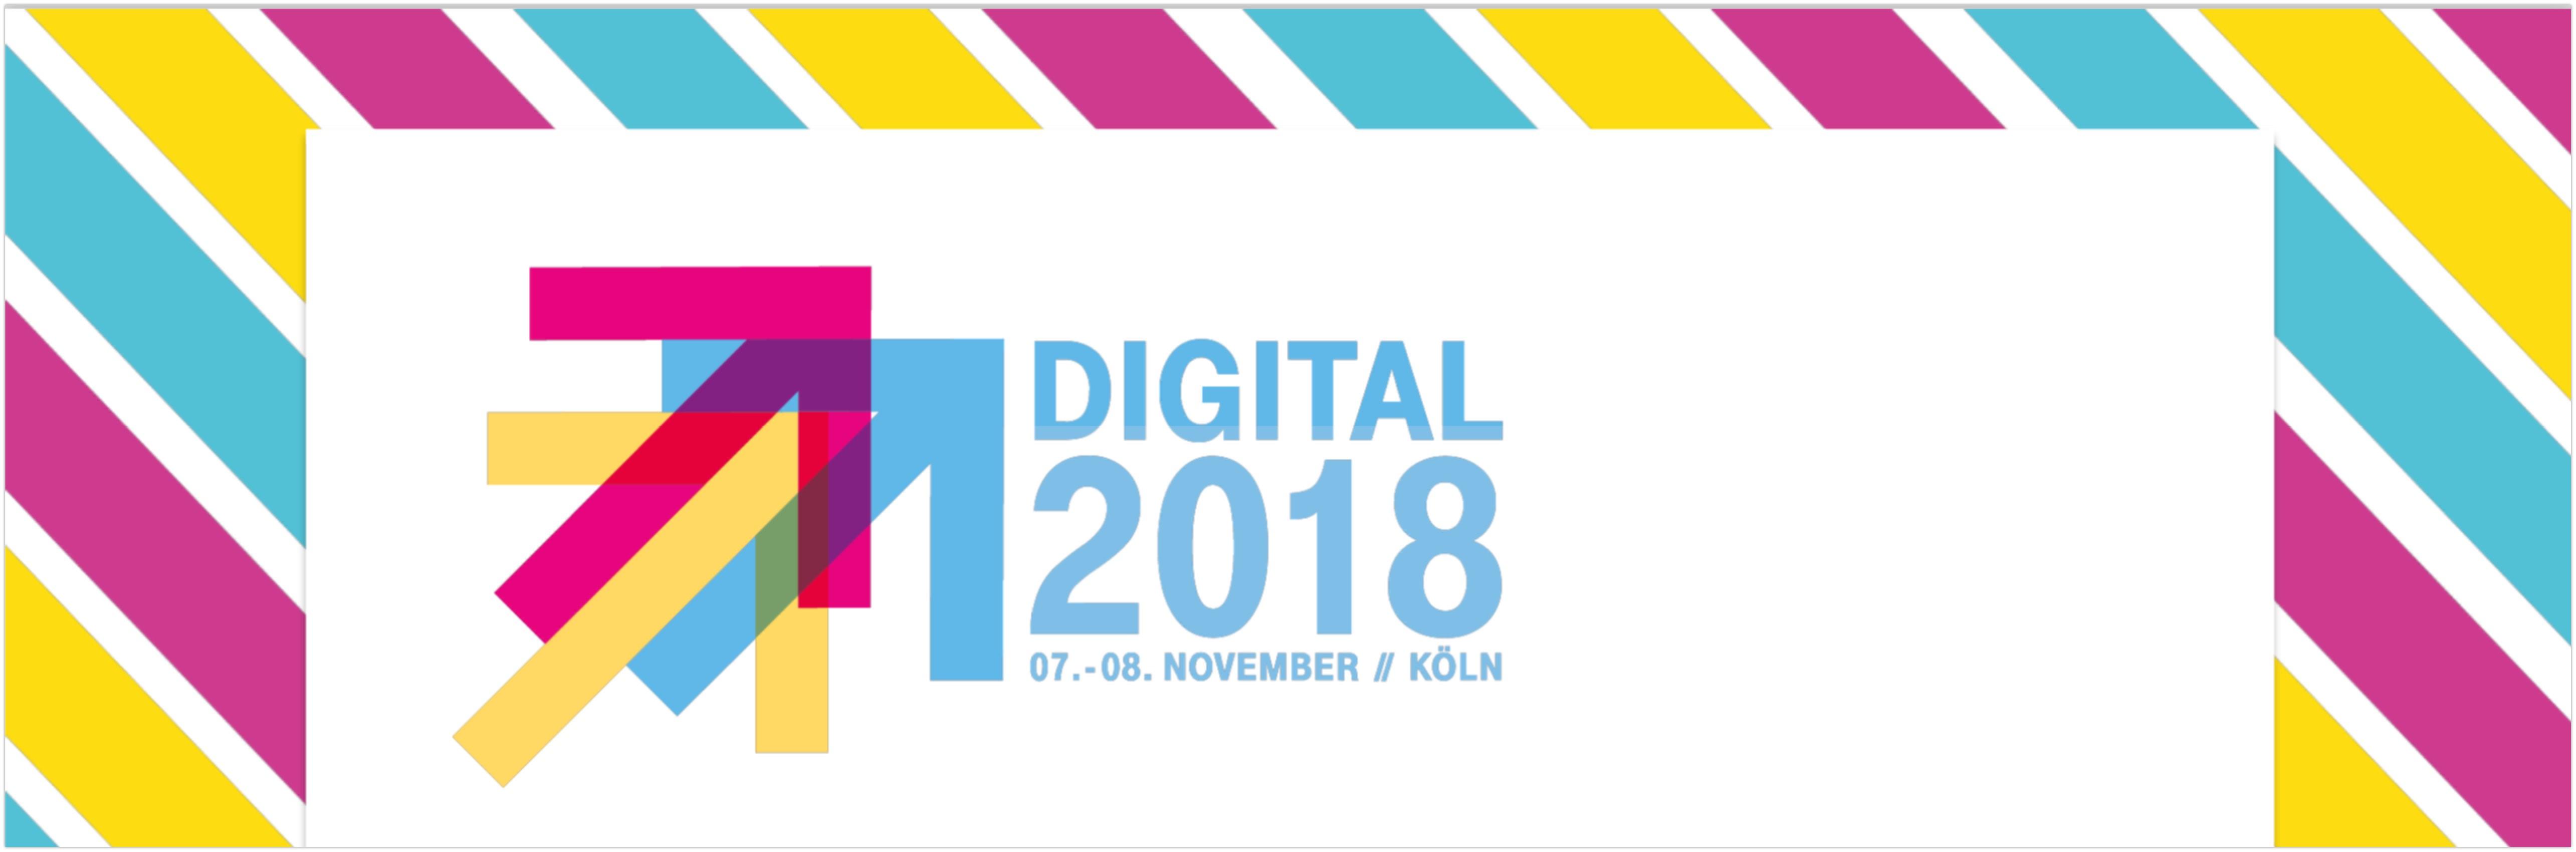 Digital2018